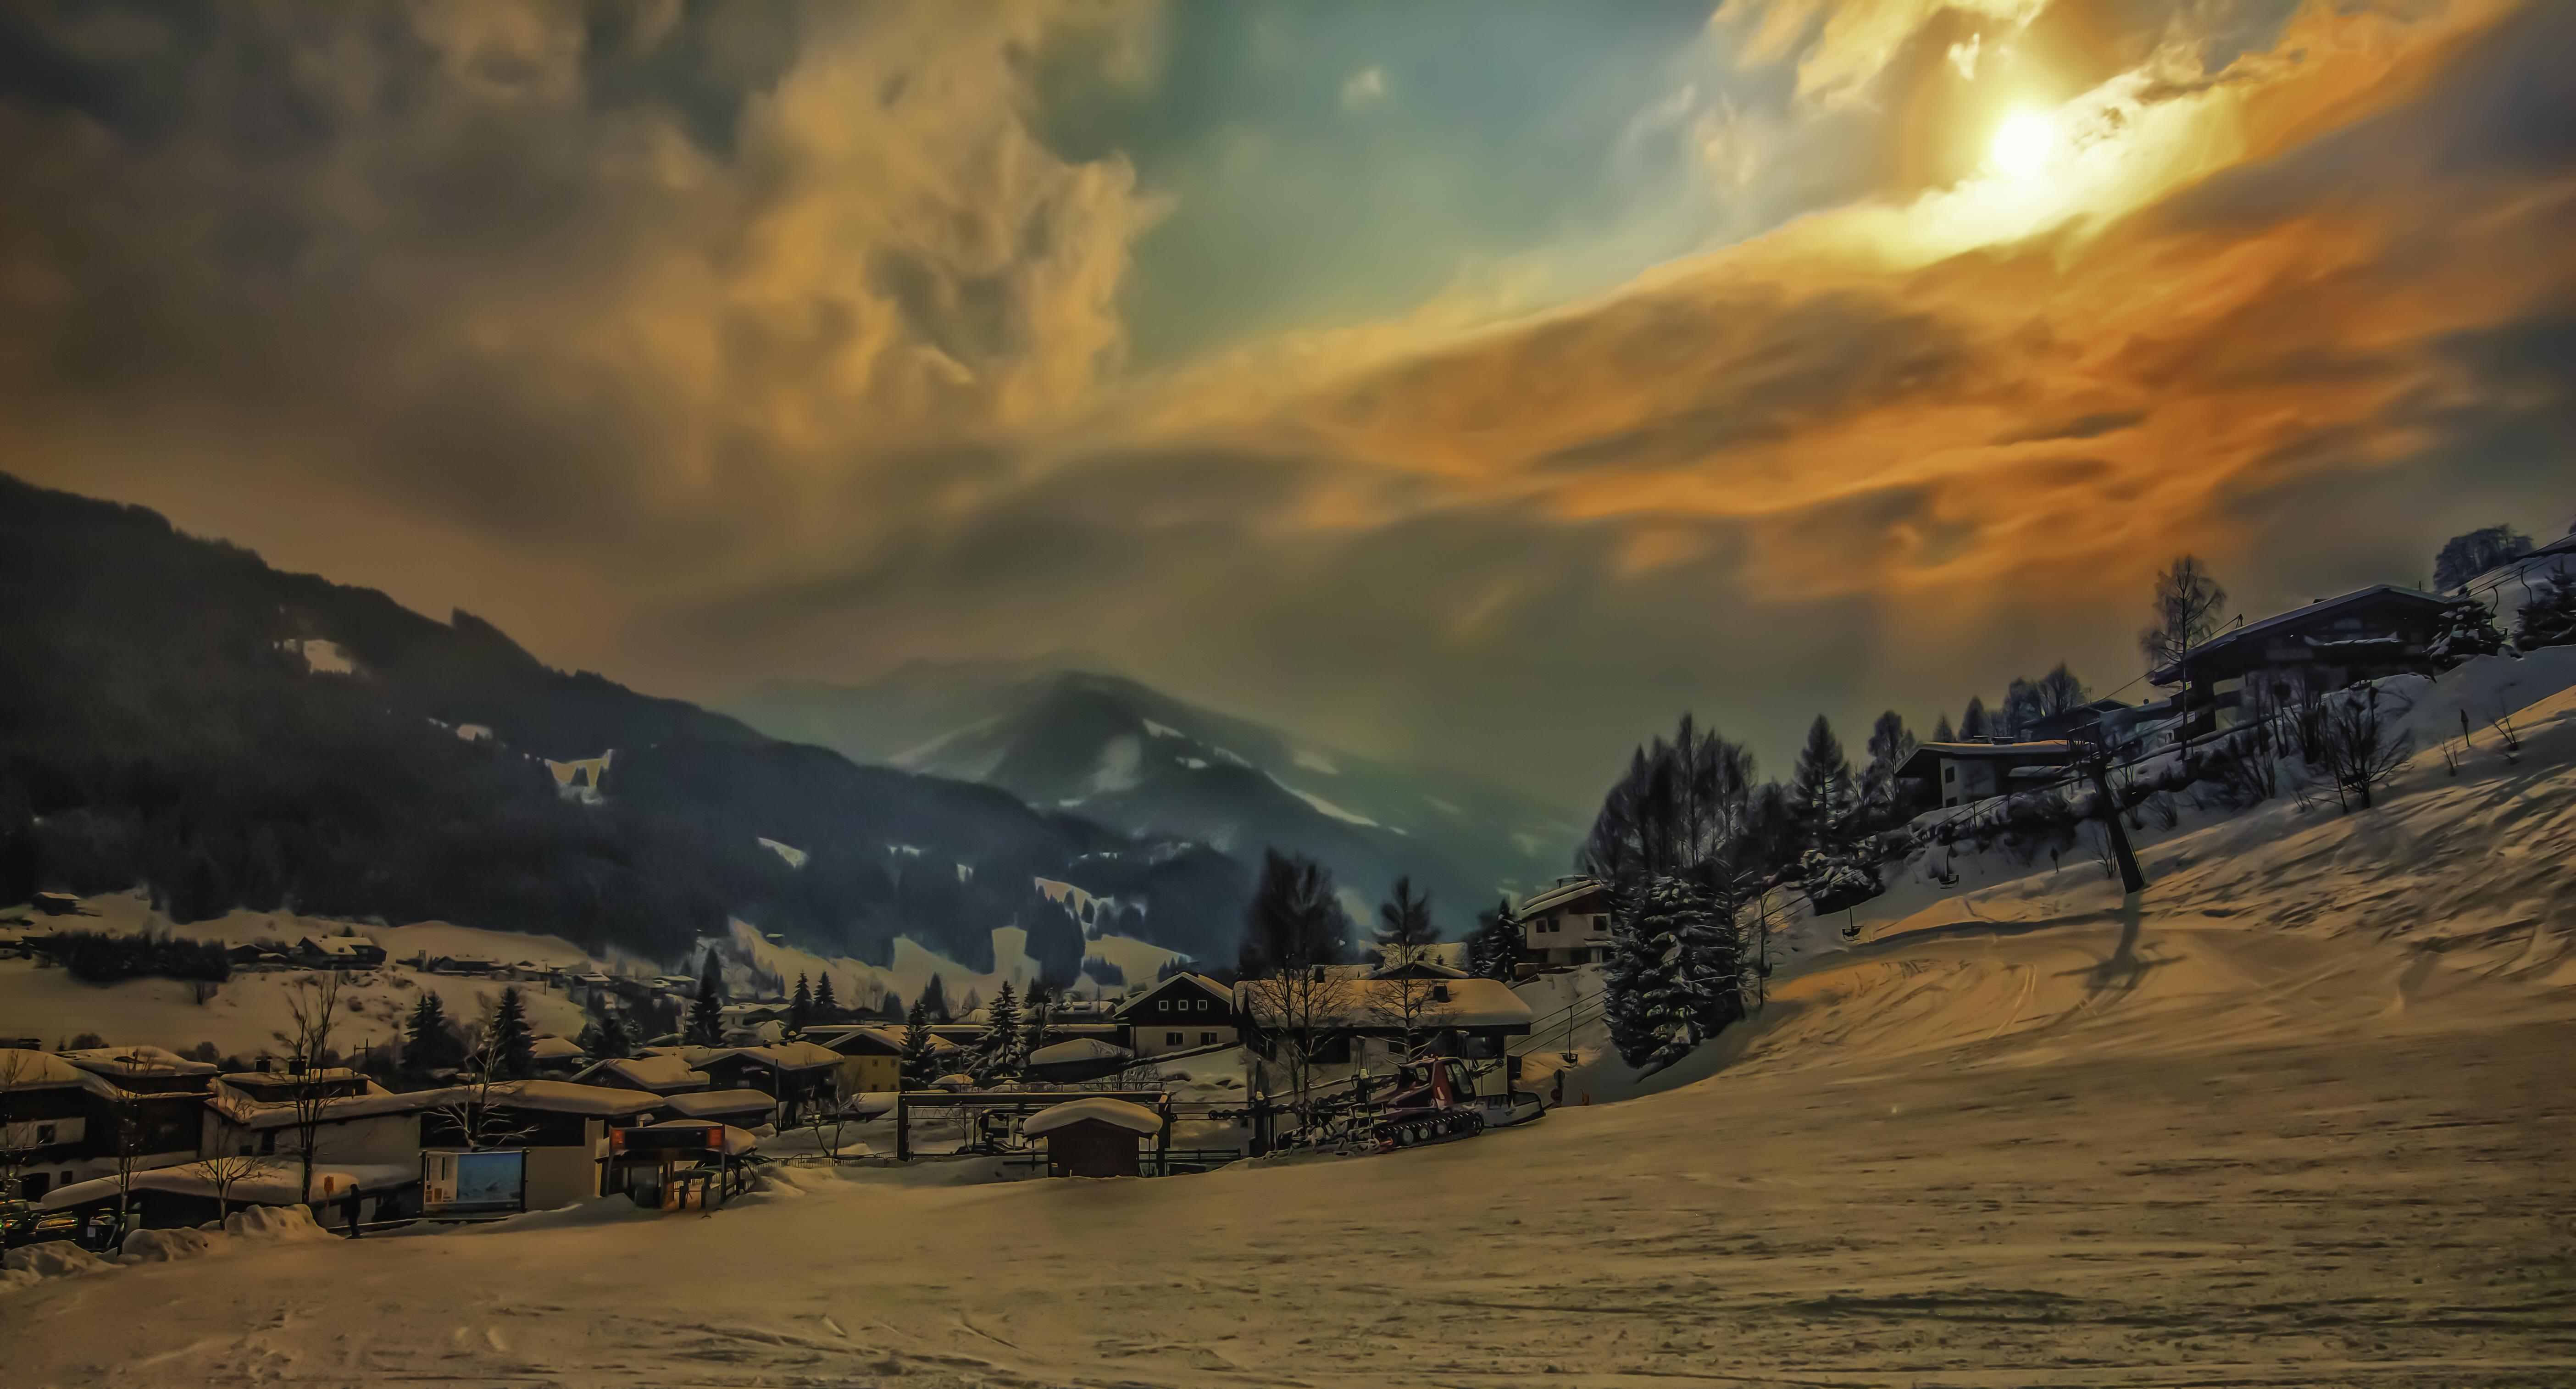 деревня зима горы  № 3188460 бесплатно